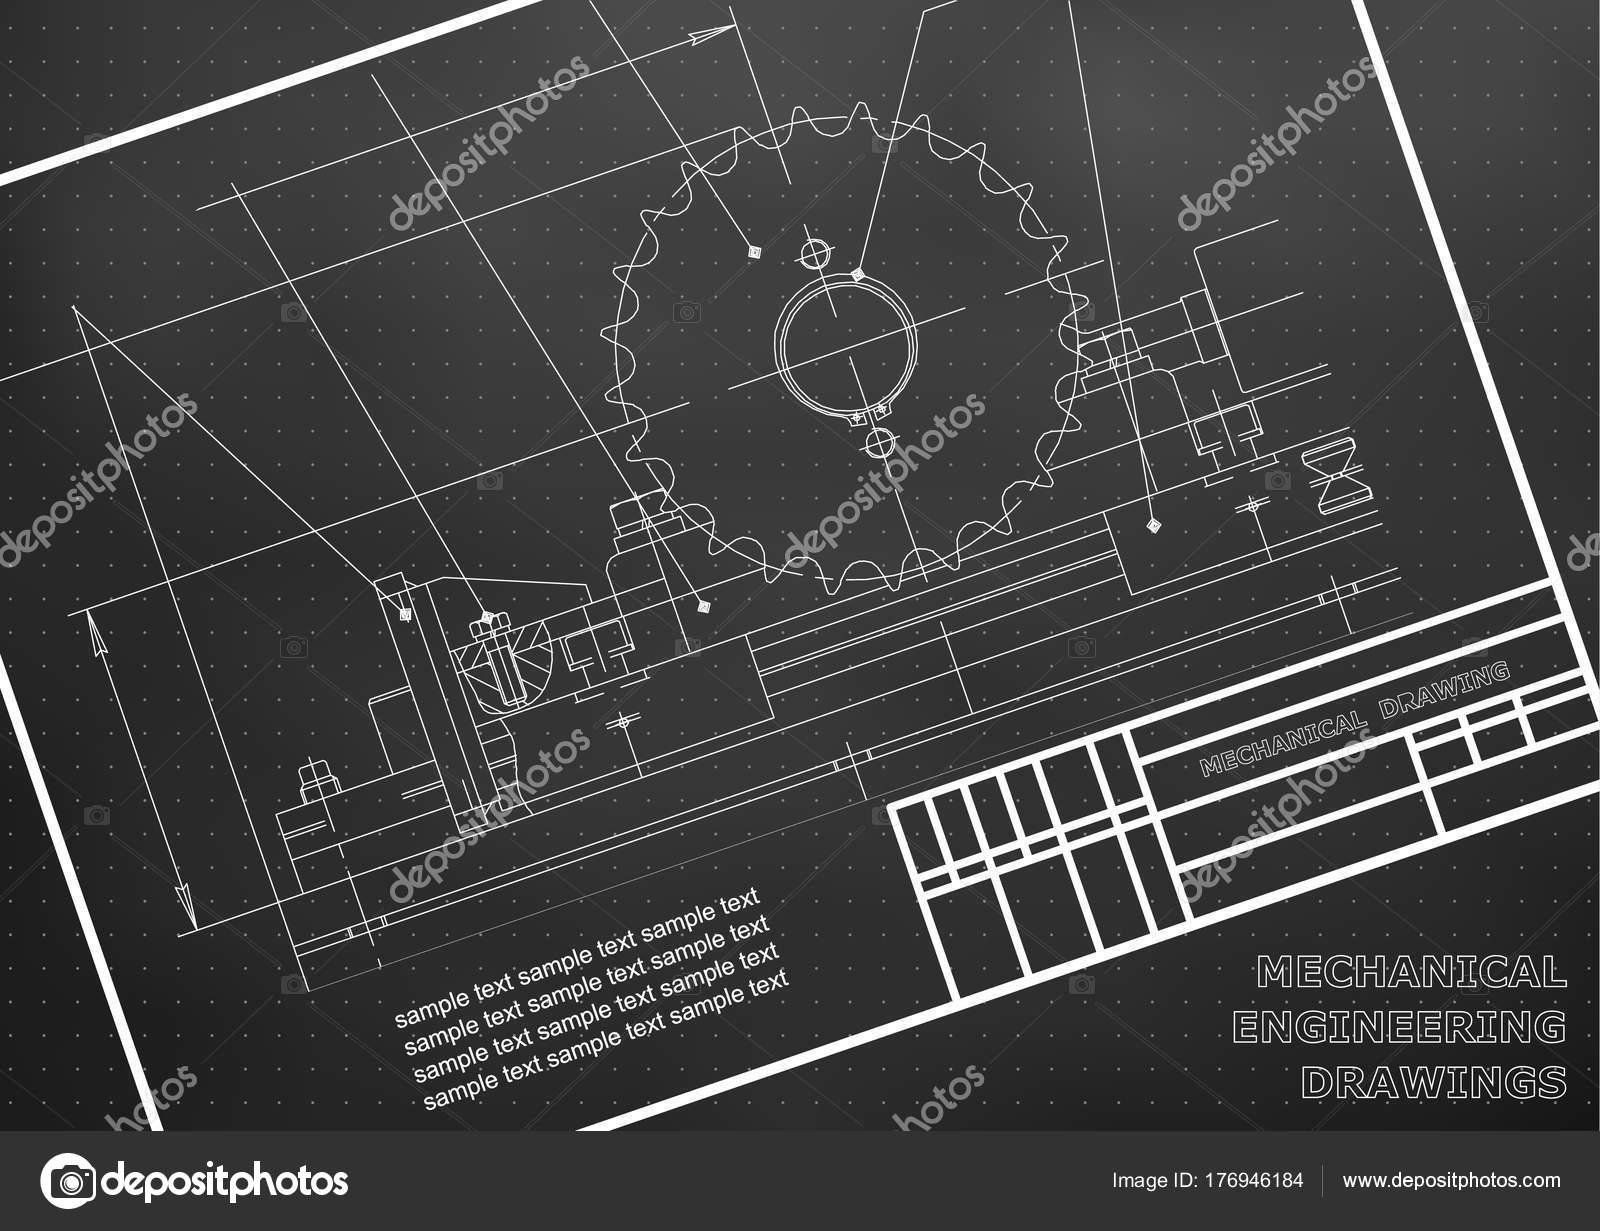 Disegni Meccanici Sfondo Bianco Illustrazione Ingegneria Telaio Nero